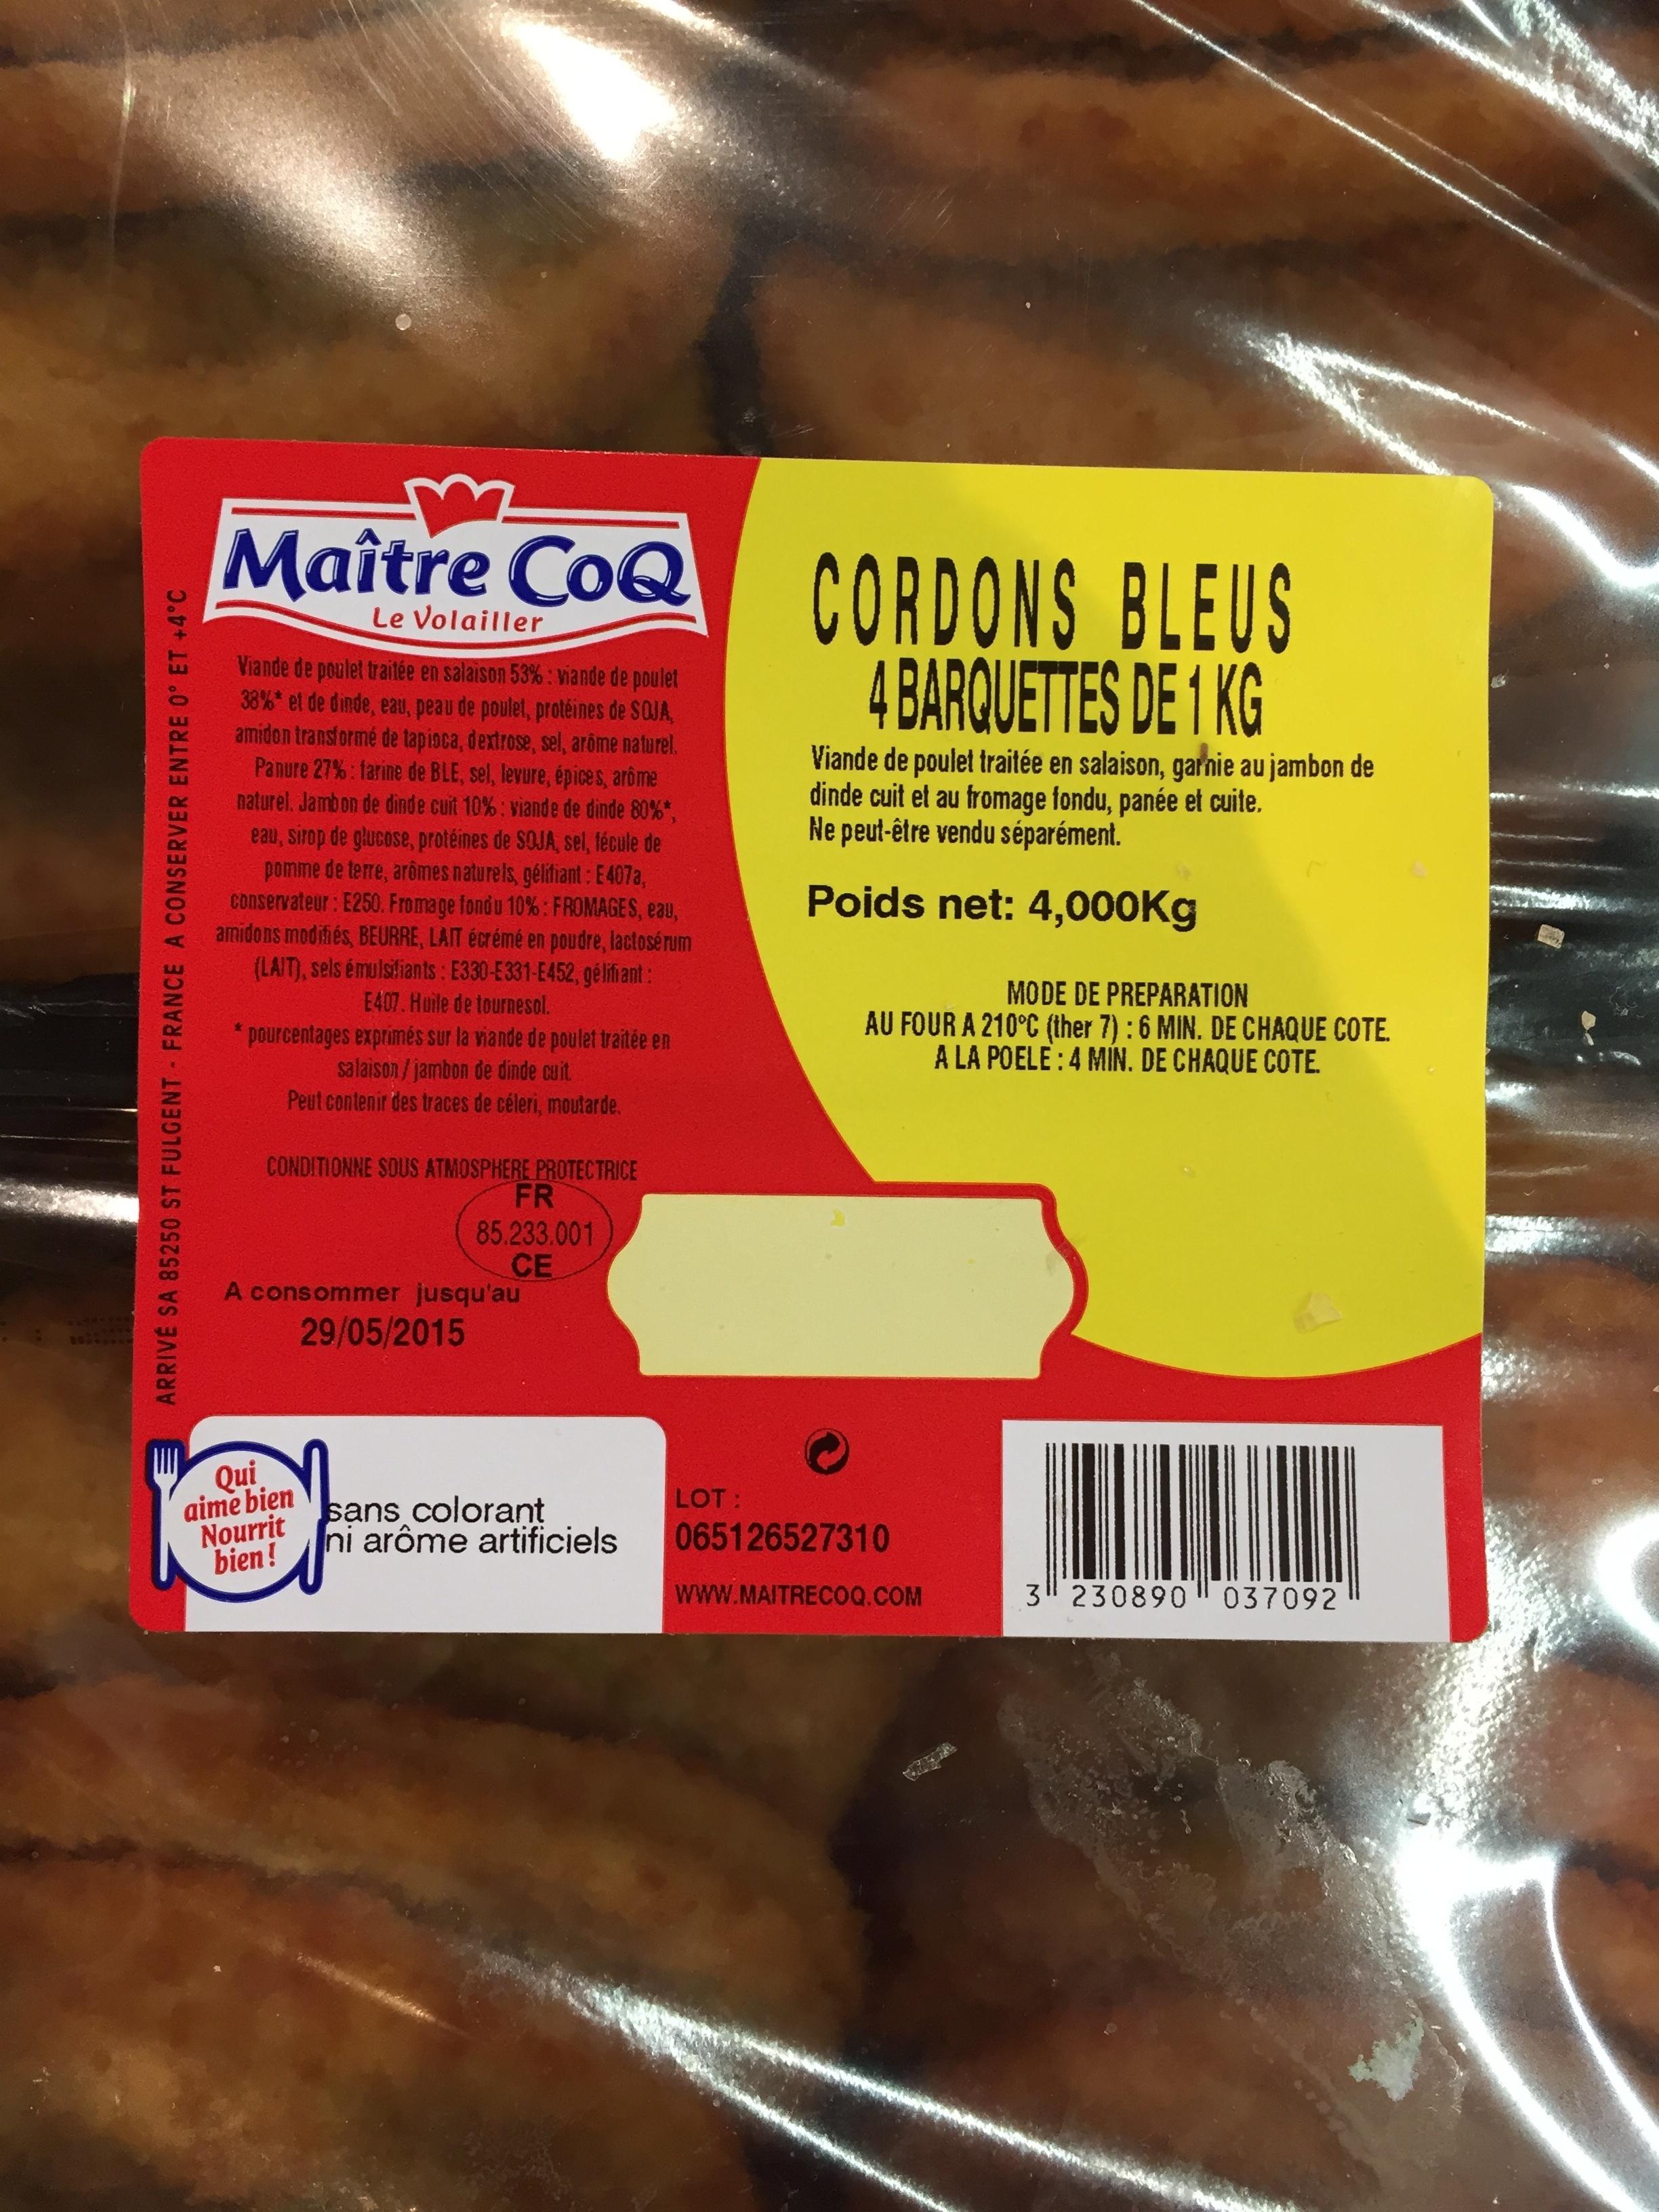 Cordons Bleus (4 Barquettes de 1 kg) - Produit - fr